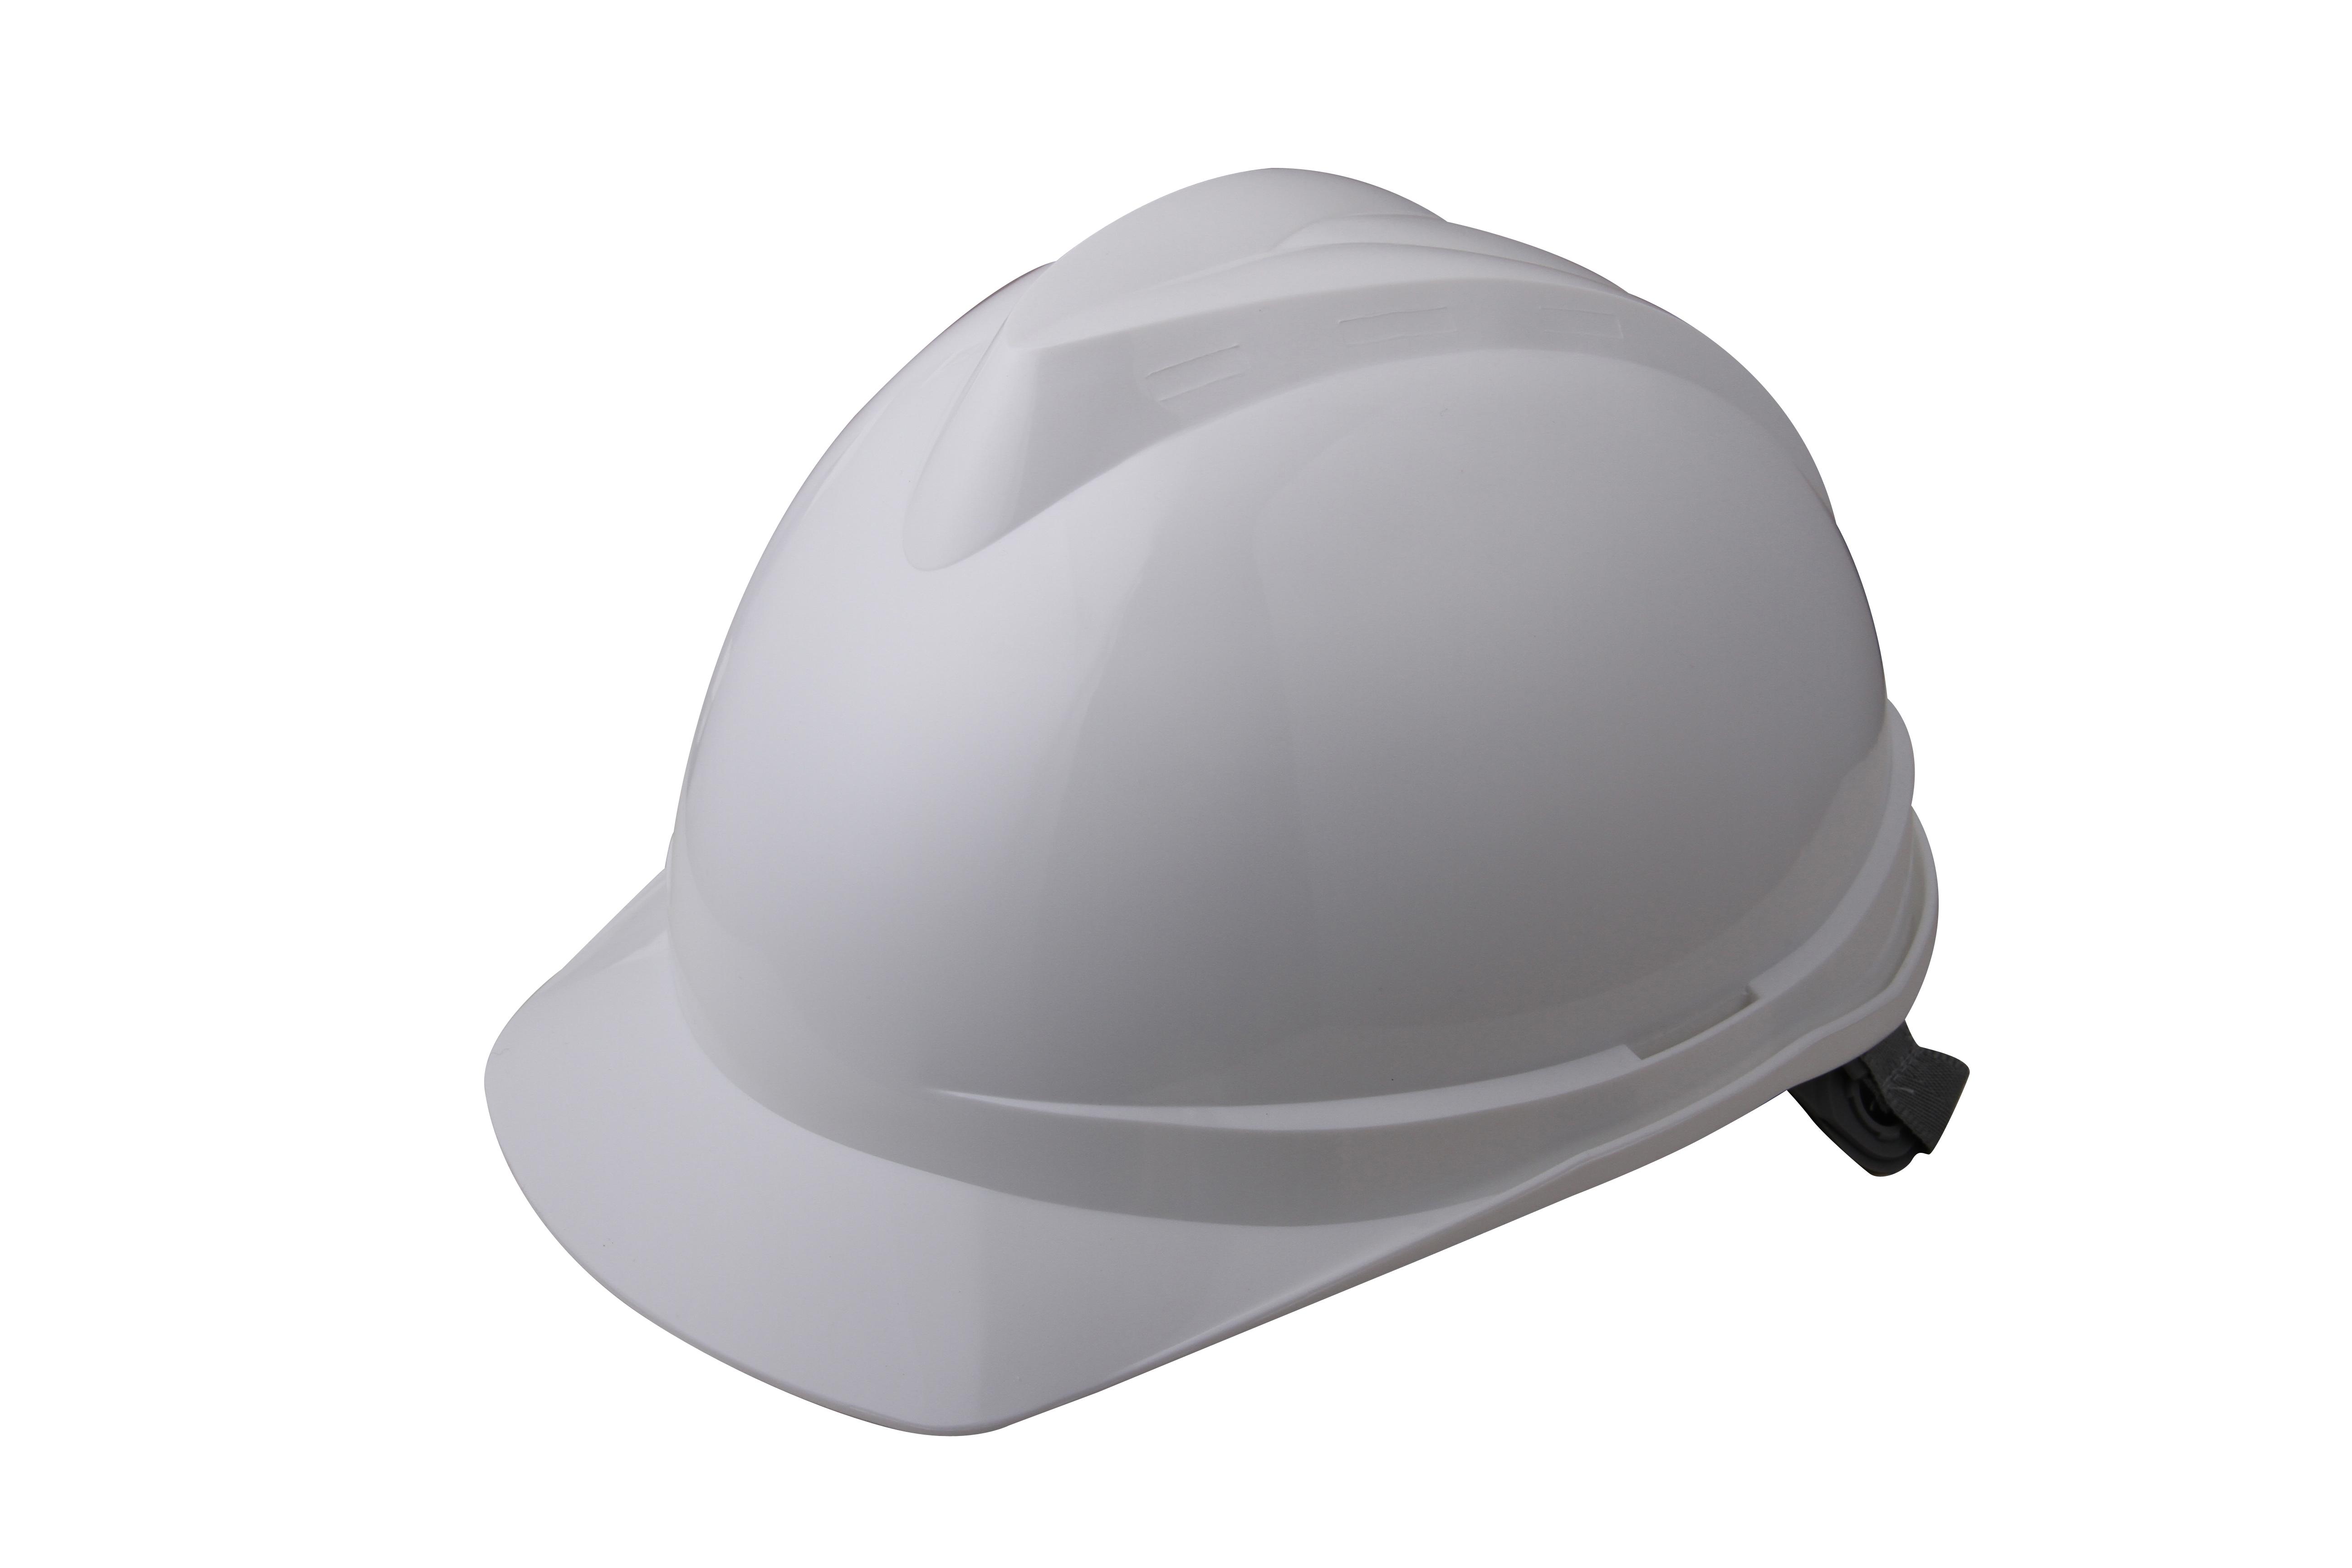 V顶ABS标准安全帽-白色